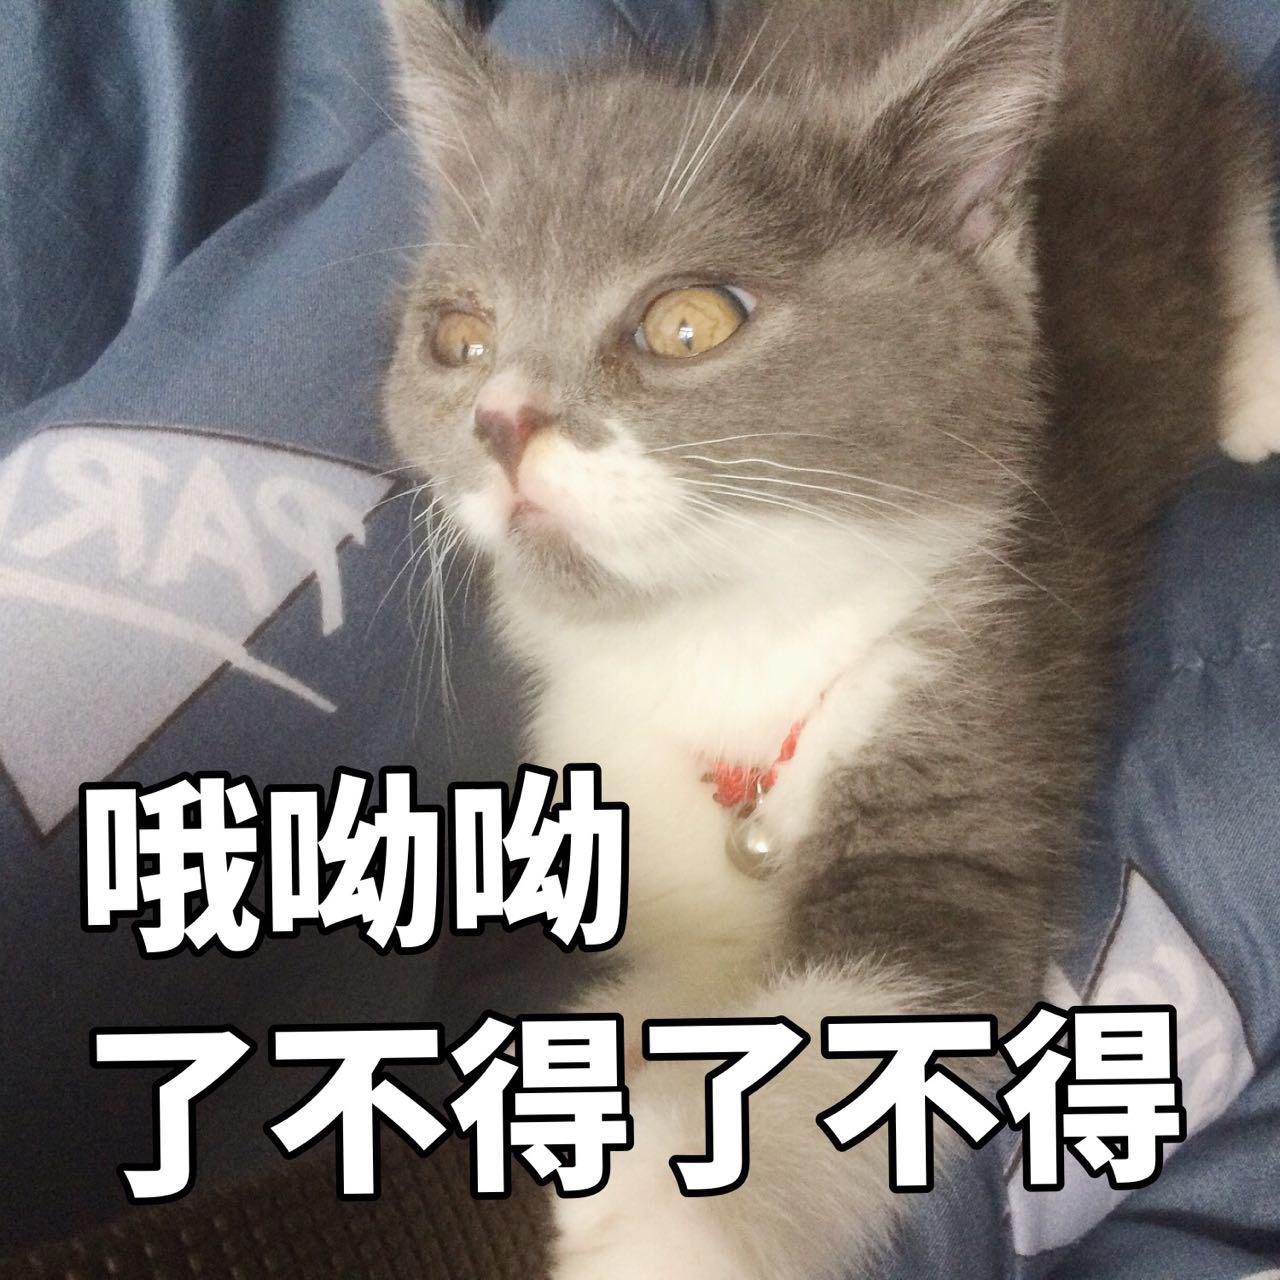 表情猫咪表情包人物画图片307:暗中v表情!走开1,你丑到朕了!我的图片